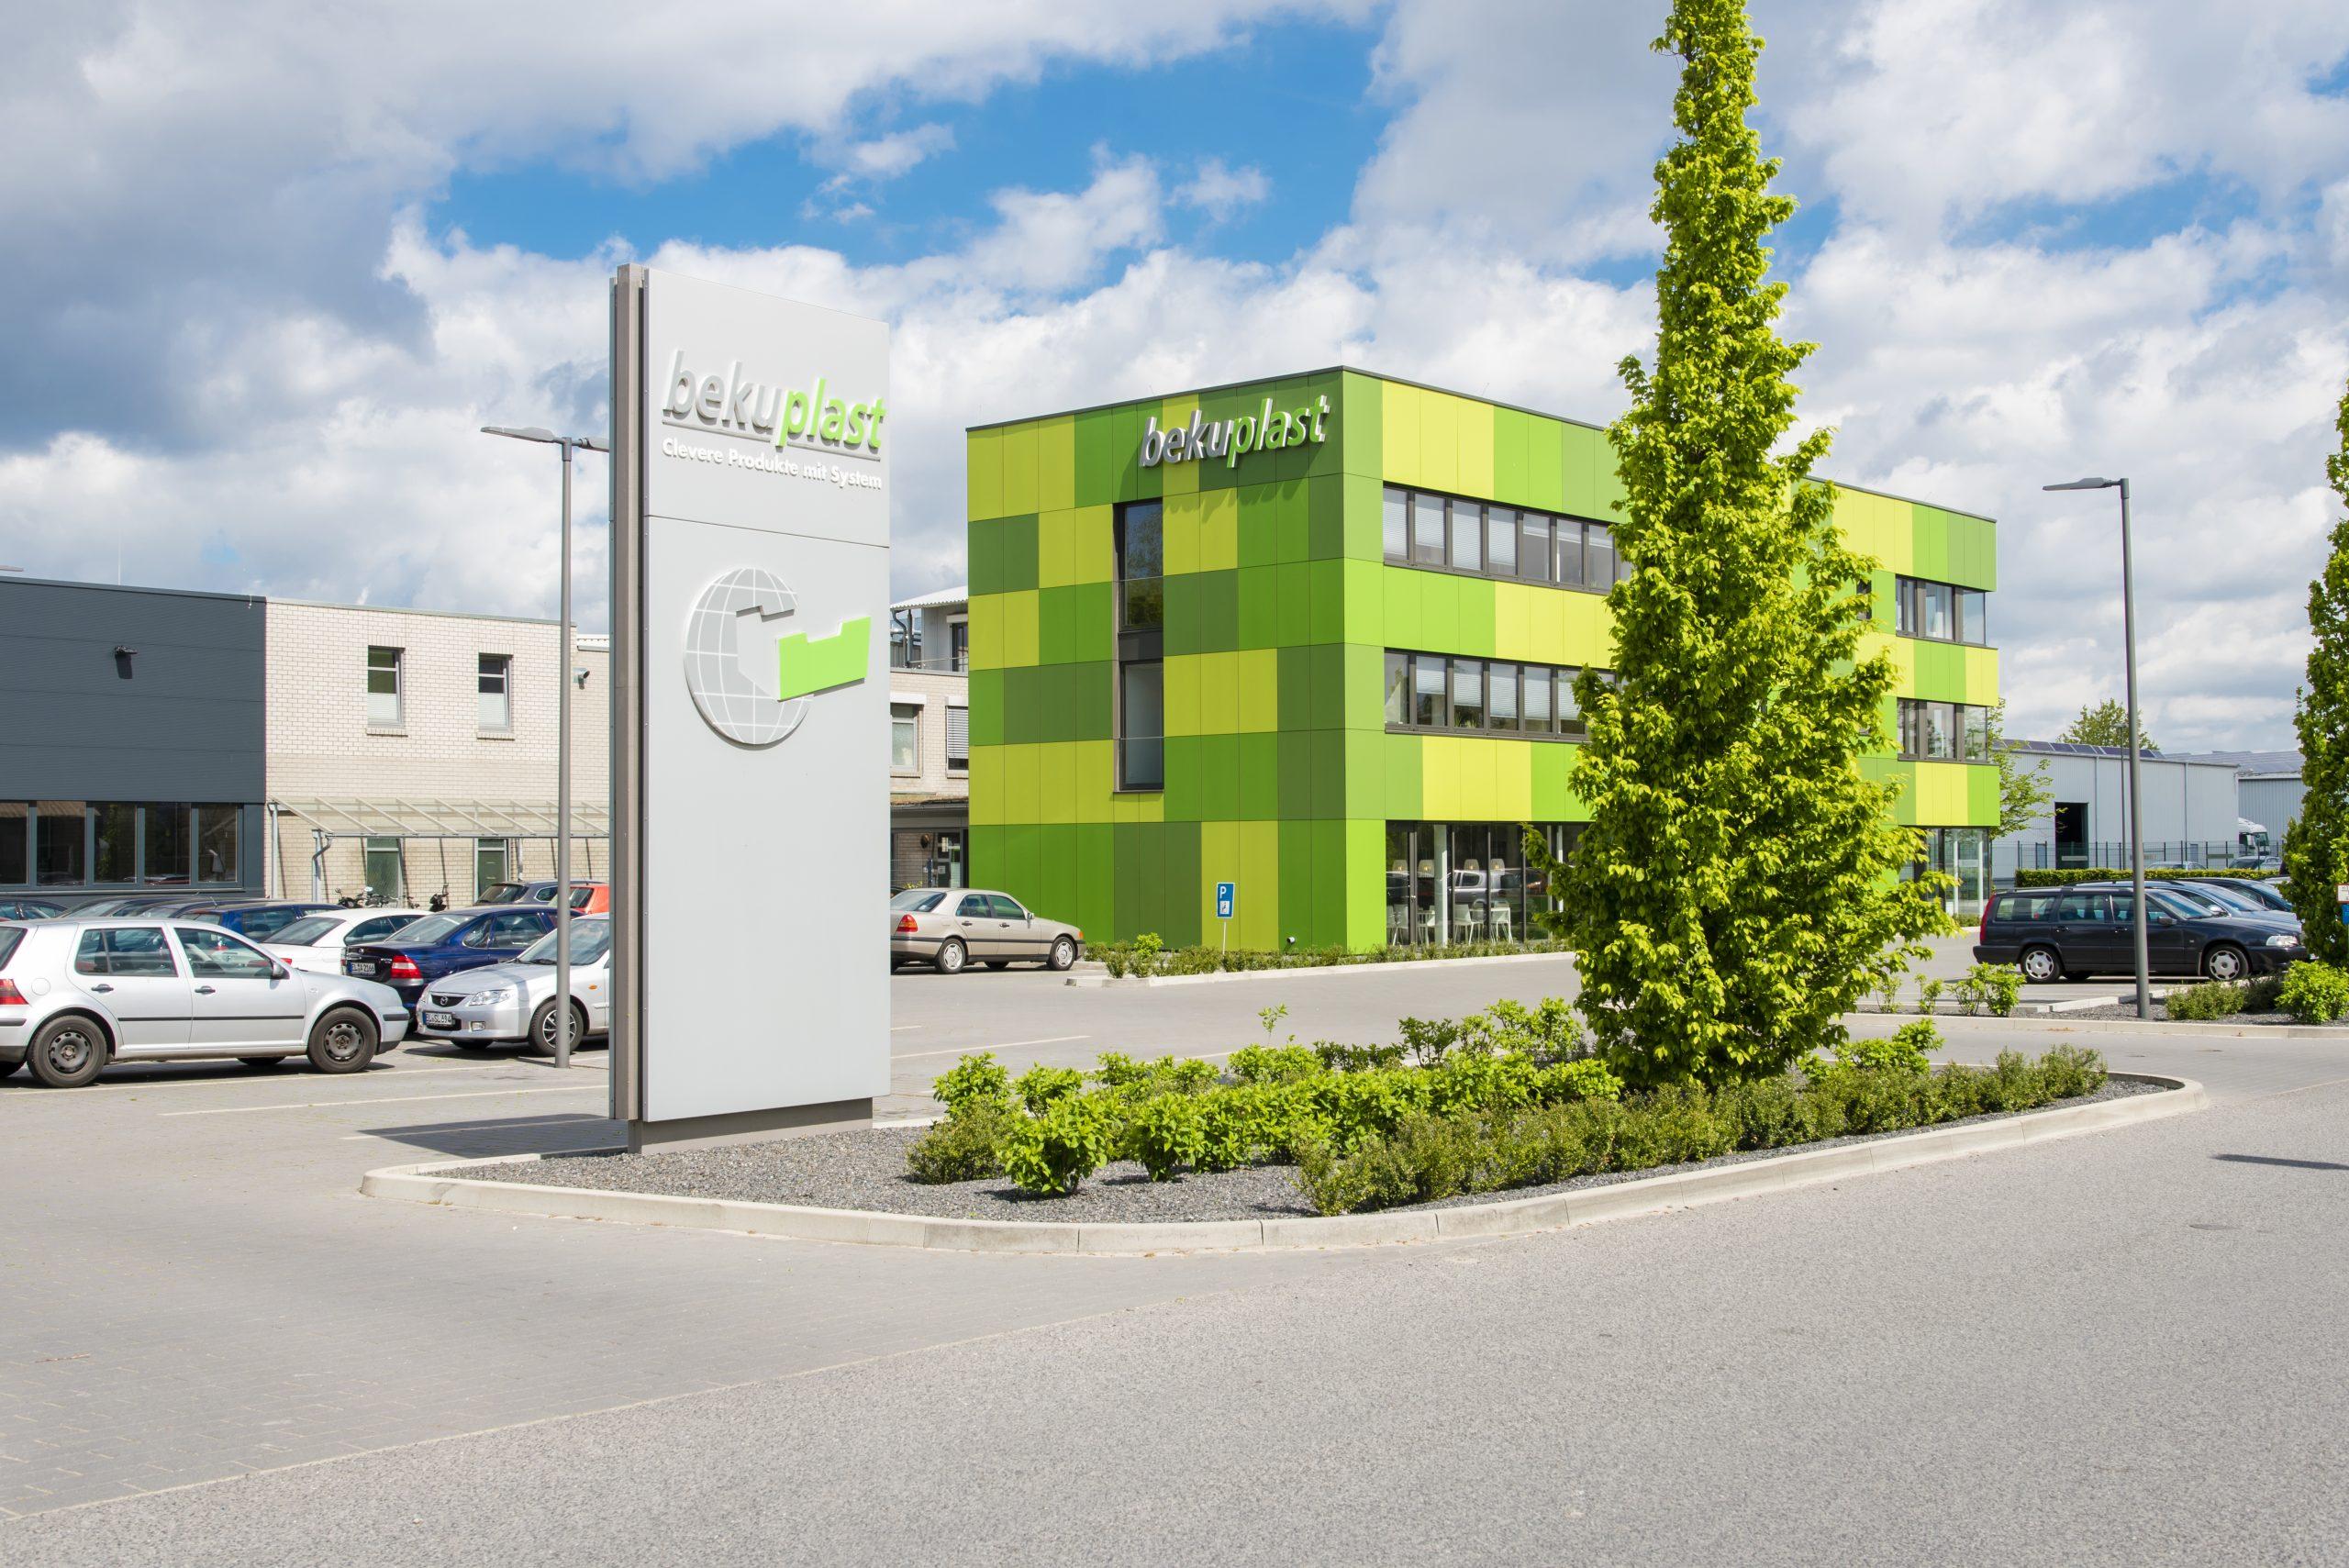 Der Stammsitz von Bekuplast im niedersächsischen Ringe. (Bild: Bekuplast GmbH)